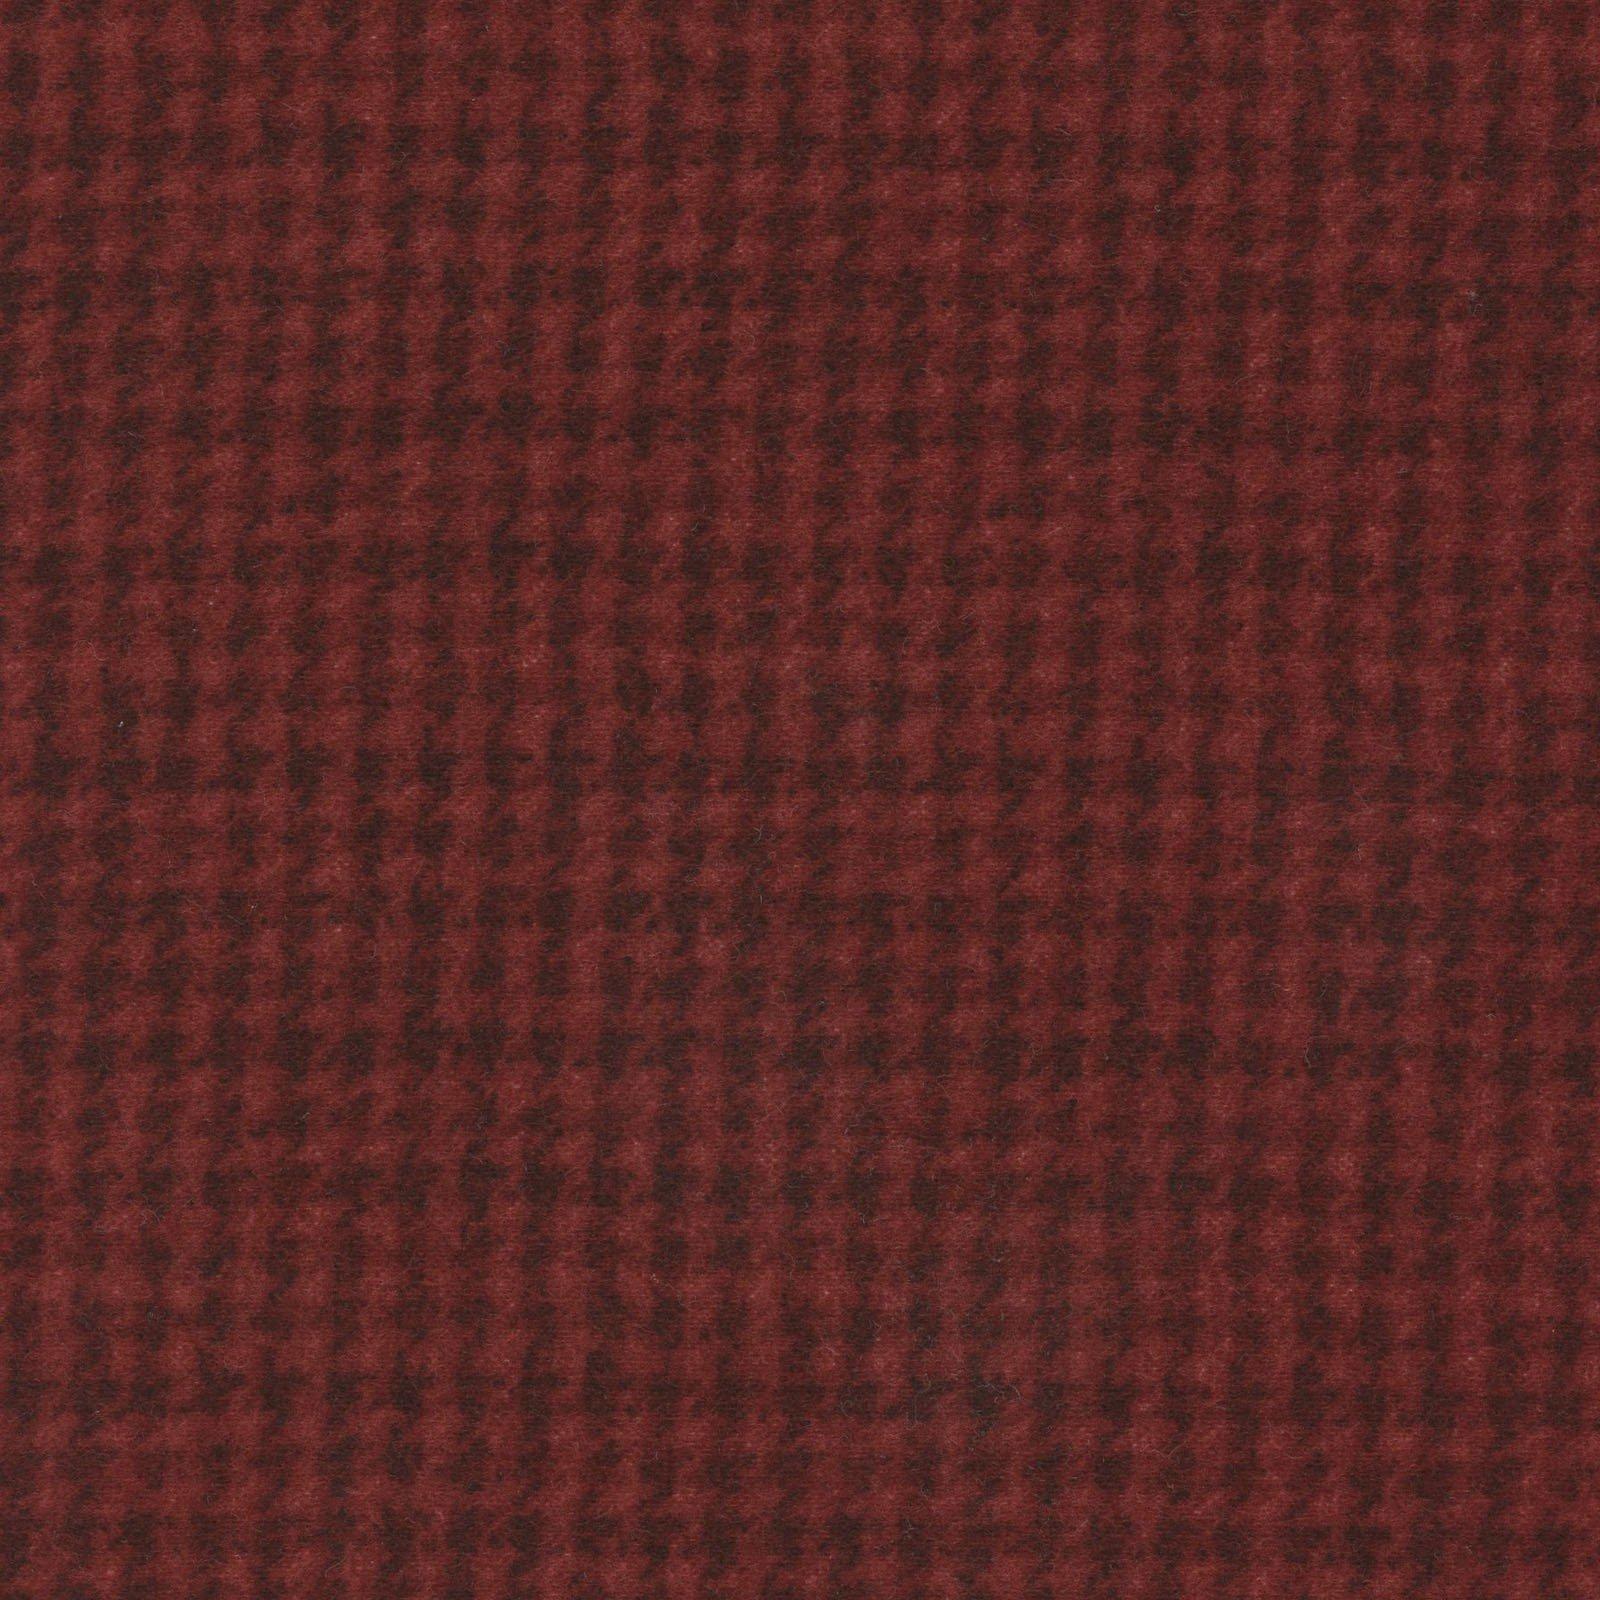 Woolies Flannel F18503-RJ